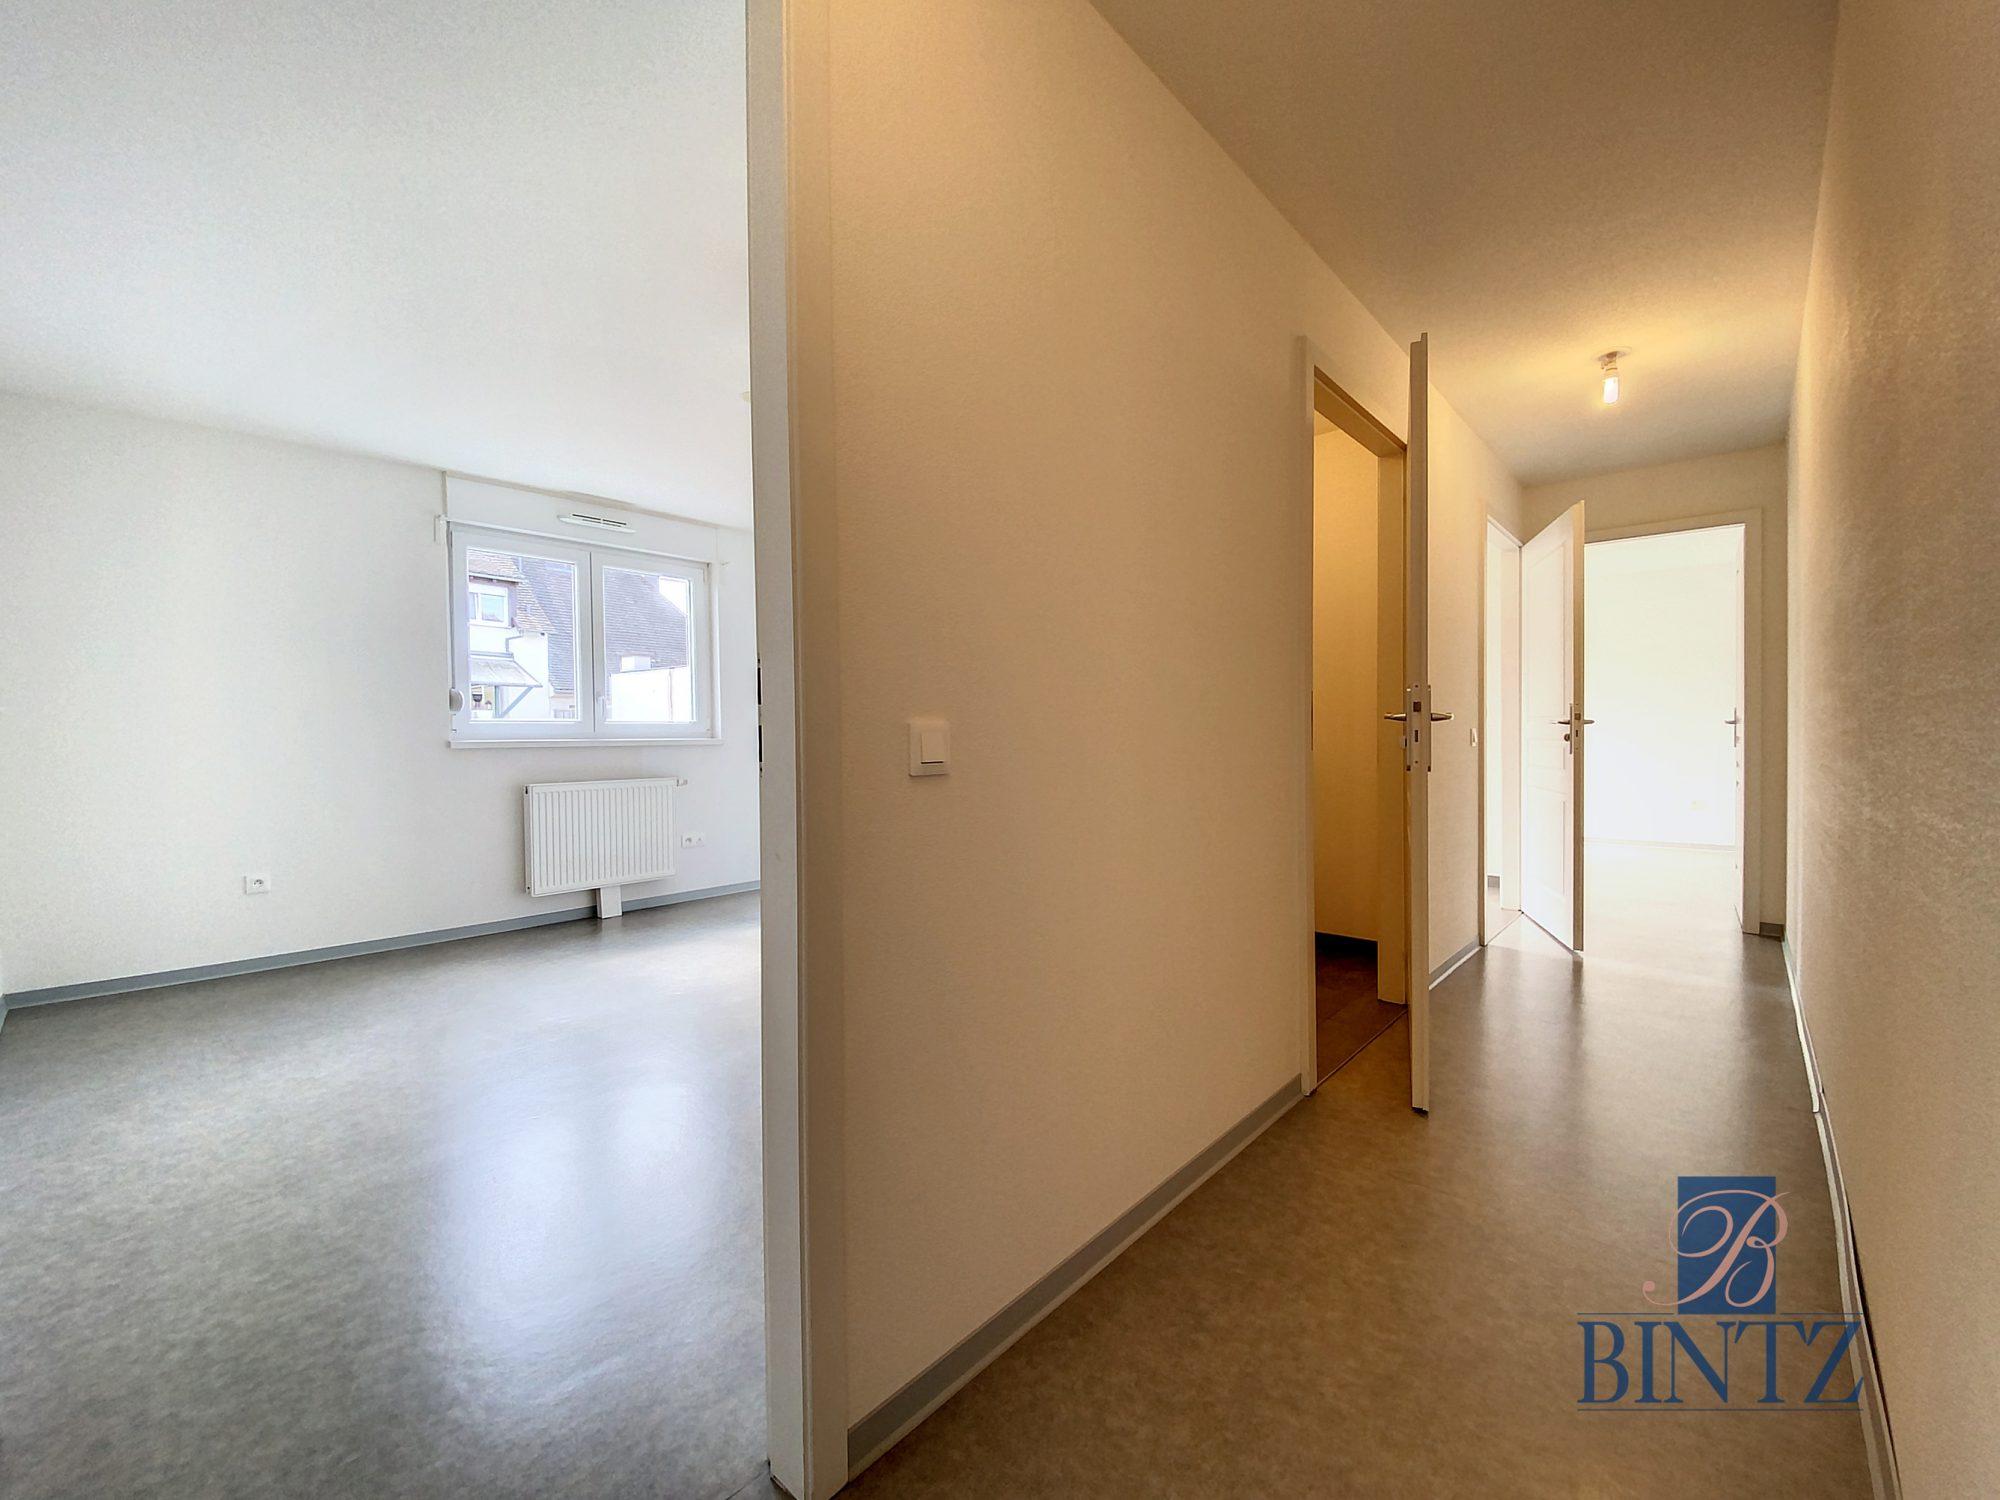 3 PIECES NEUF AVEC TERRASSE À SCHILTIGHEIM - Devenez propriétaire en toute confiance - Bintz Immobilier - 7